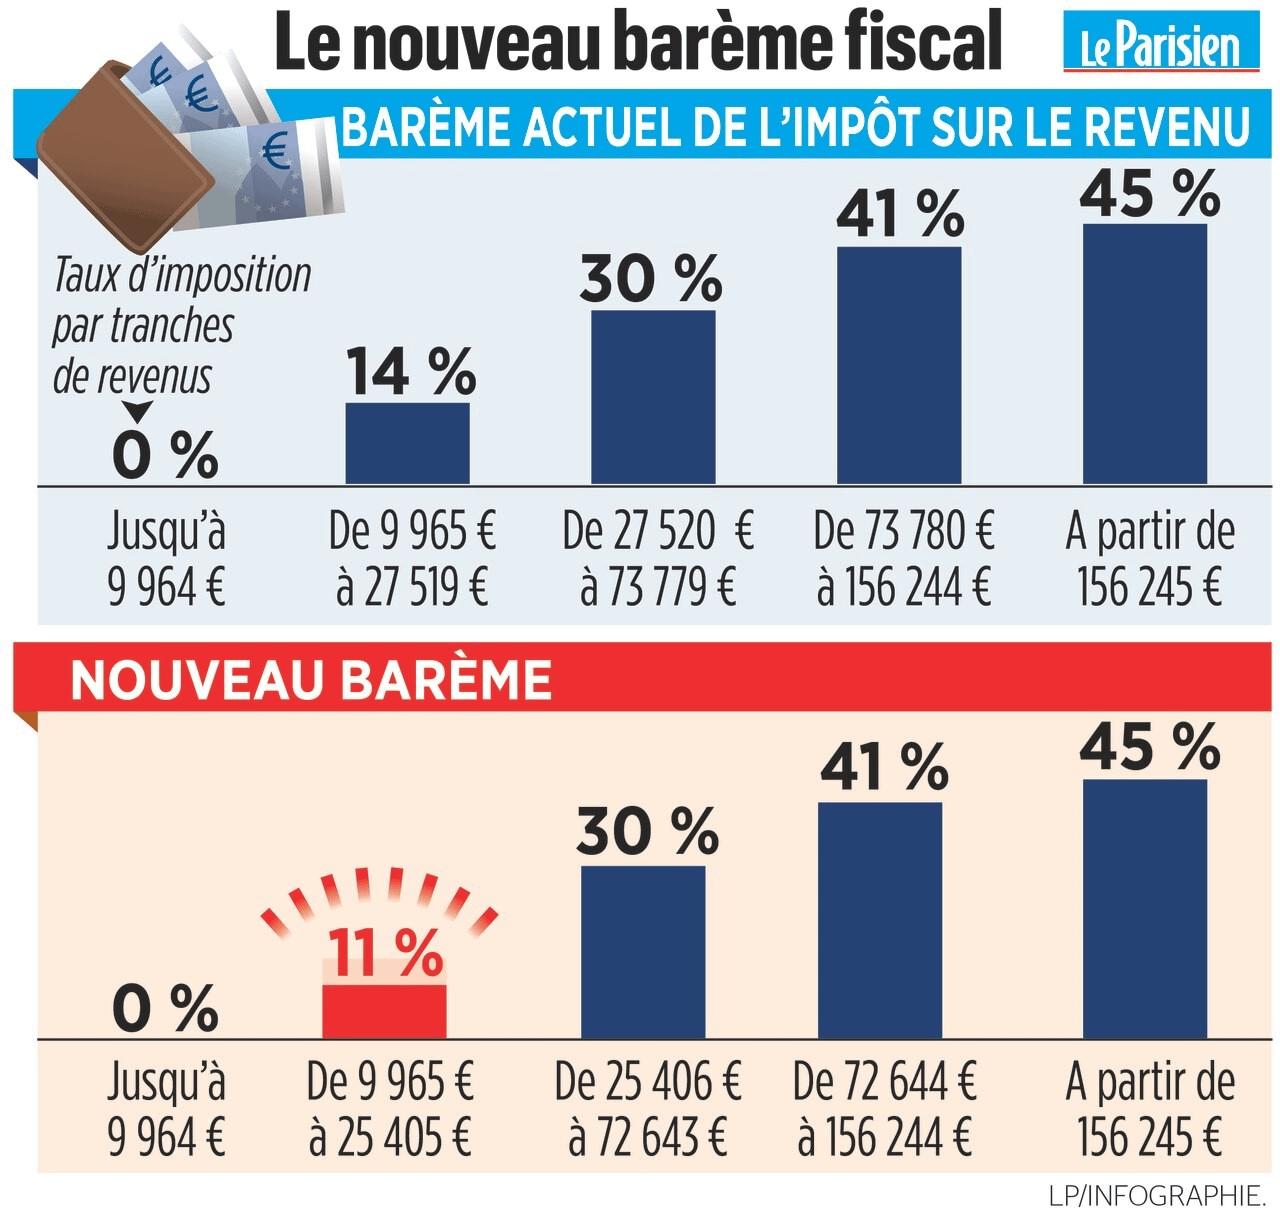 Le-nouveau-barème-fiscal-de-l'impôt-sur-le-revenu-easygp-defiscaliser